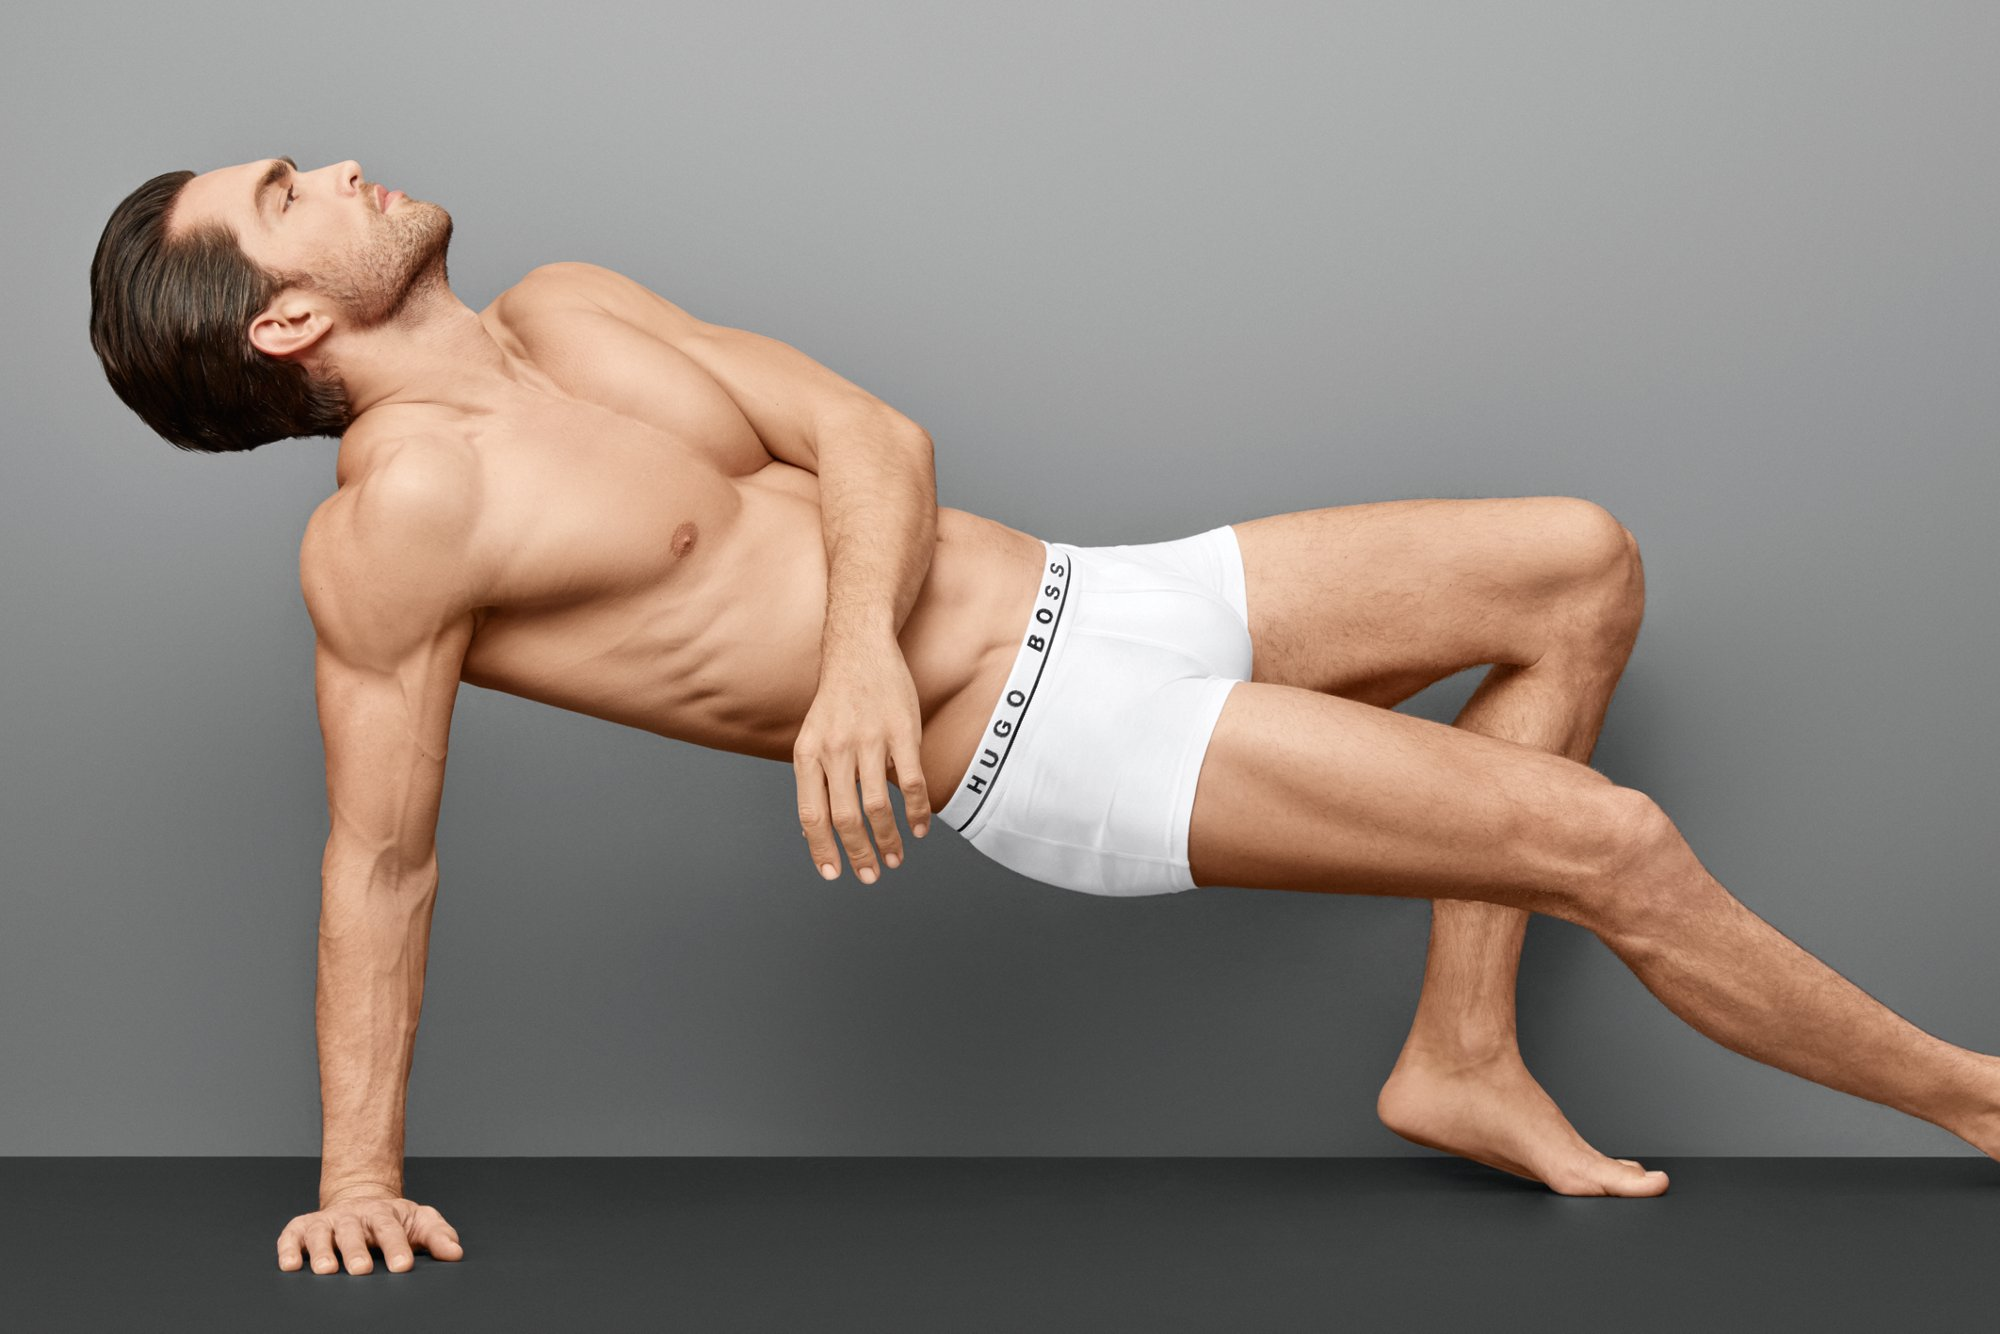 bodywear underwear